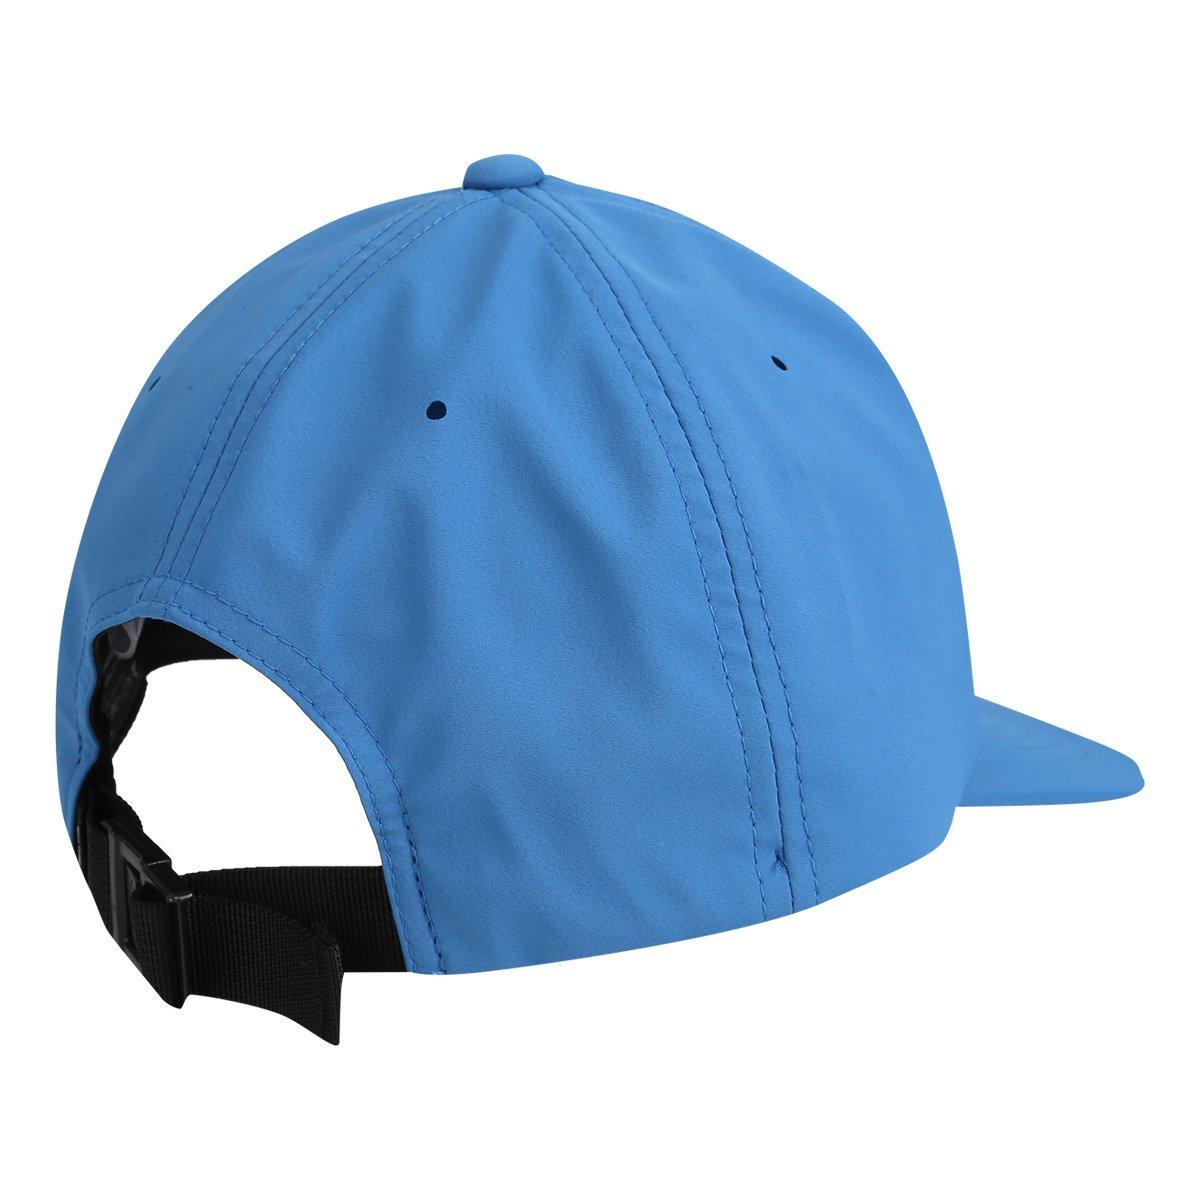 Boné Oakley Aba Curva Lower Tech 110 Masculino - Azul - Compre Agora ... 14d6a4cc73cd1